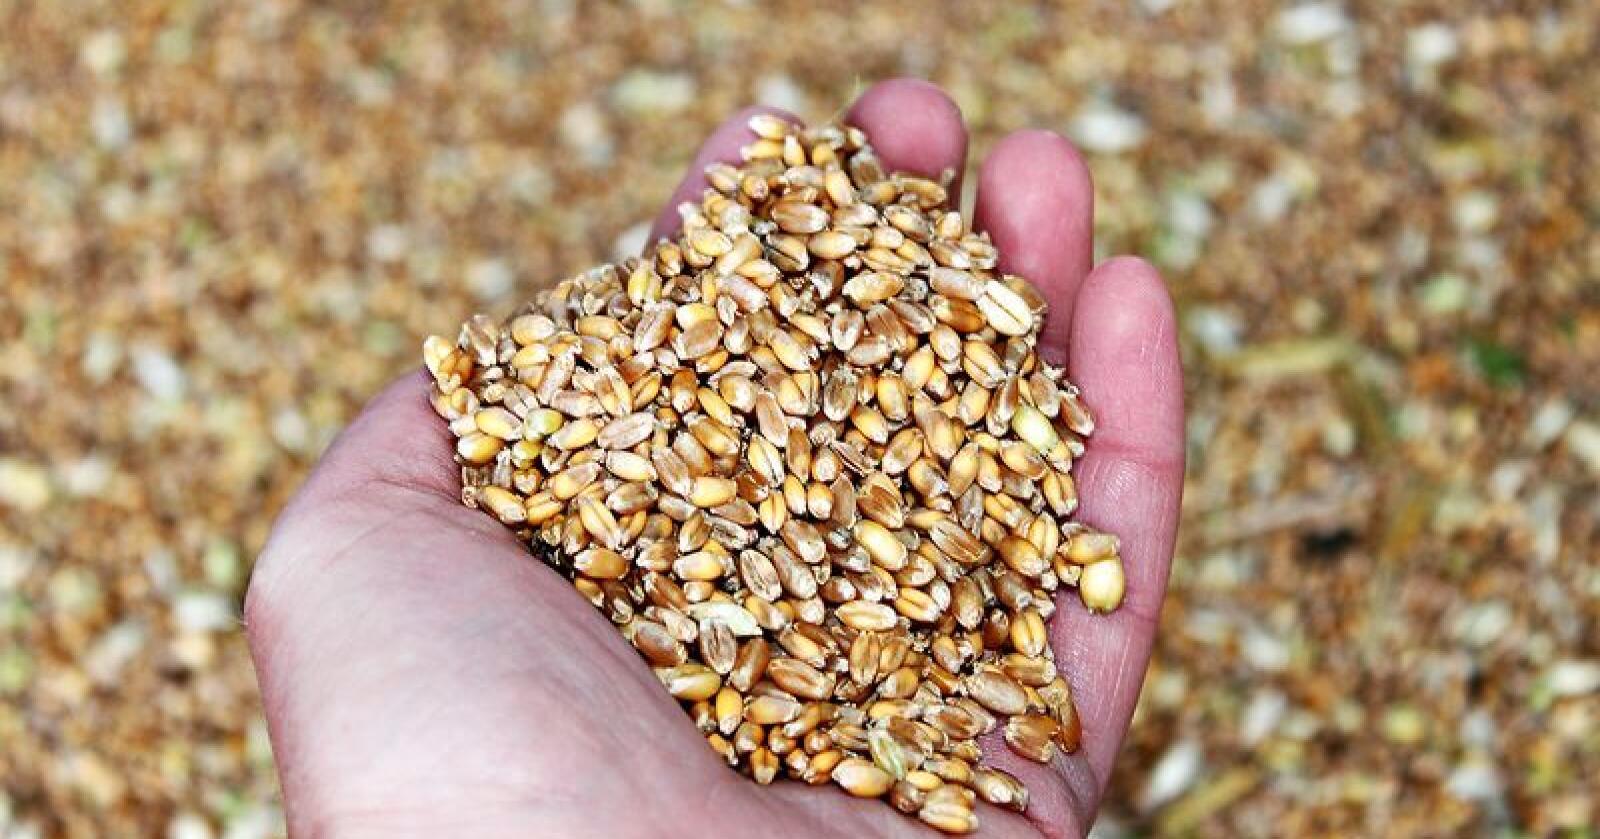 Voksne amerikanere får bare i seg 16 gram fiber i maten, mens de egentlig skulle hatt minst 25 gram om dag. Med en ny genmodifisert hvetevariant vil bioteknologiselskapet Calyxt gjøre noe med det.